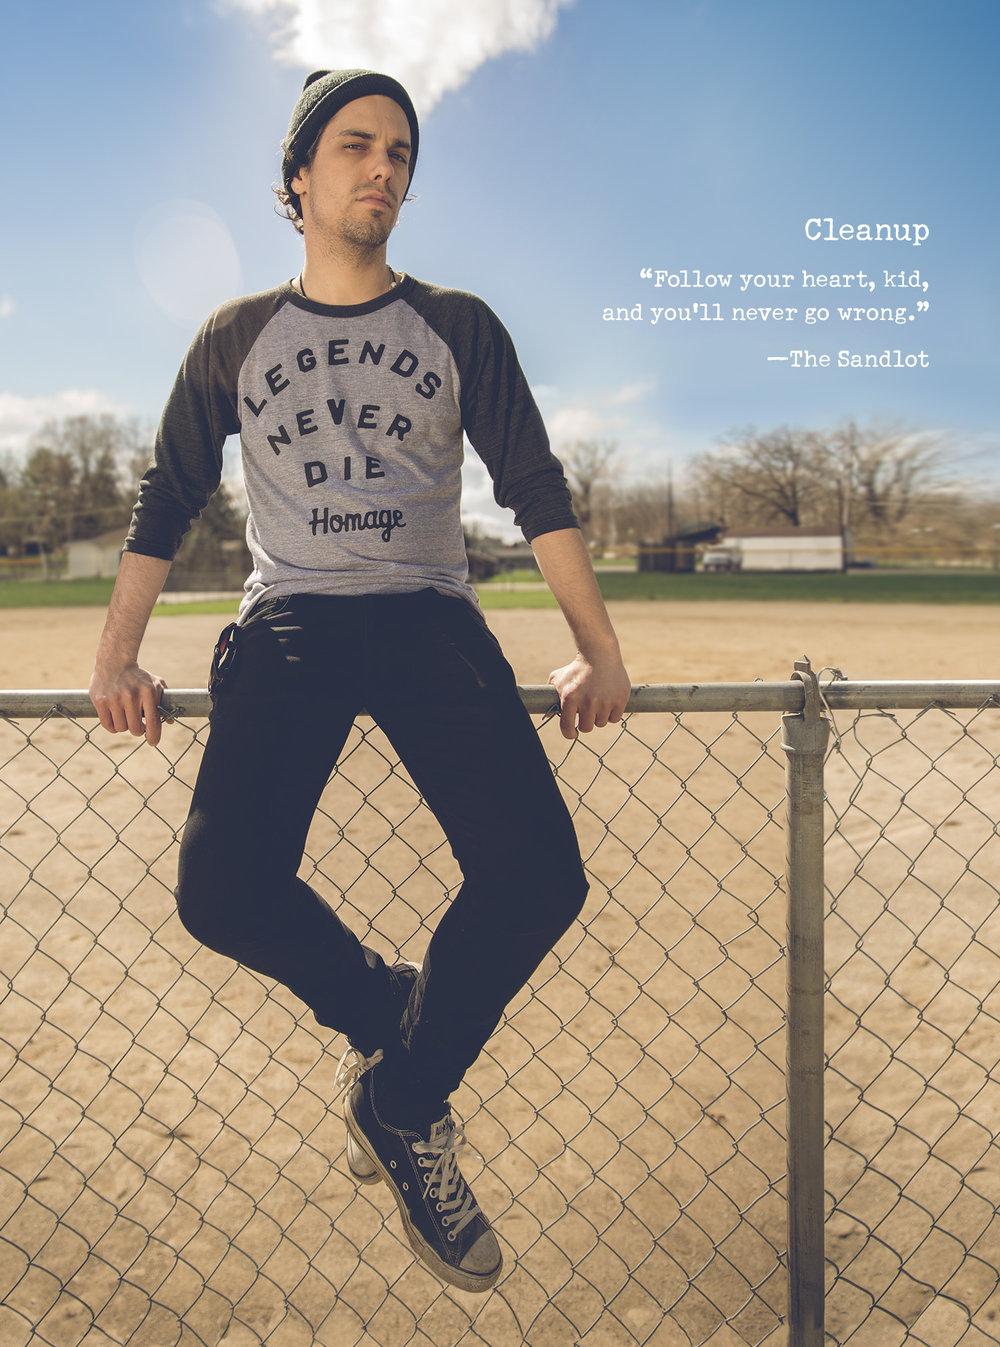 homage-baseball-legends-never-die.jpg